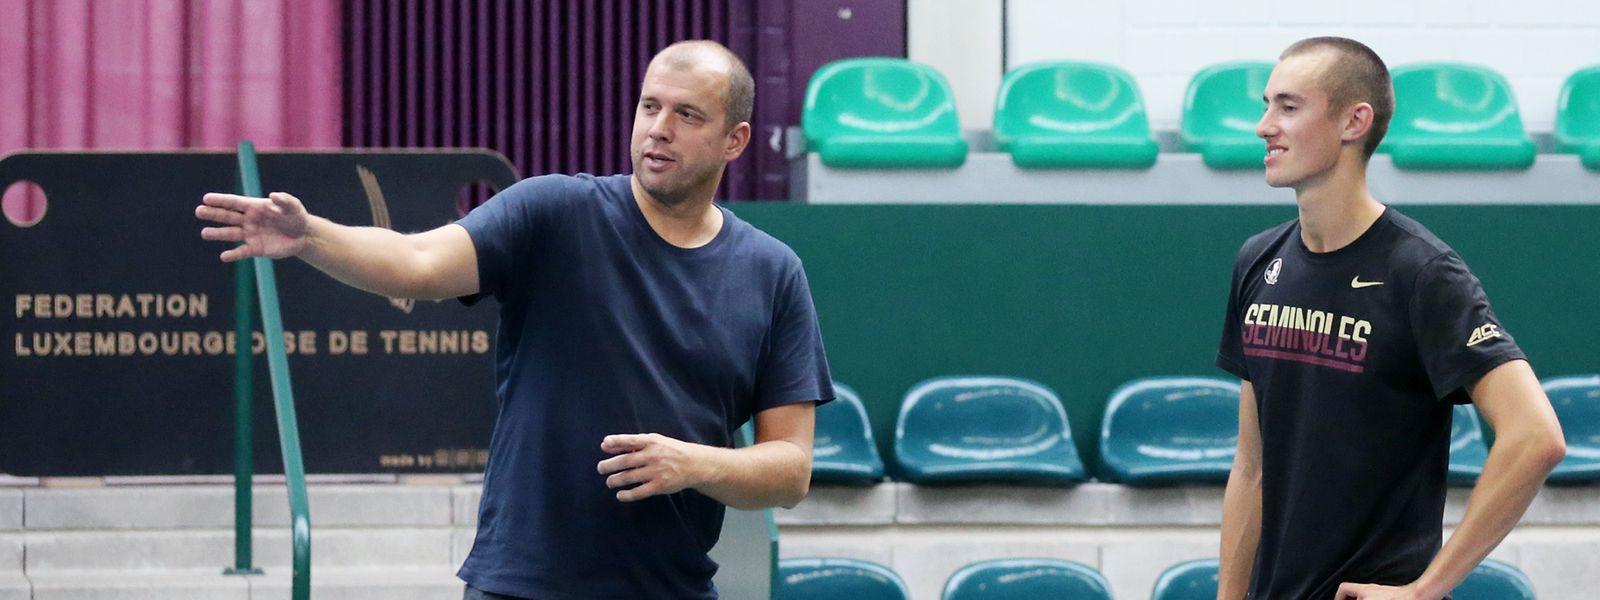 Alex Knaff (r.) kann auf die Tipps von Gilles Muller bauen.